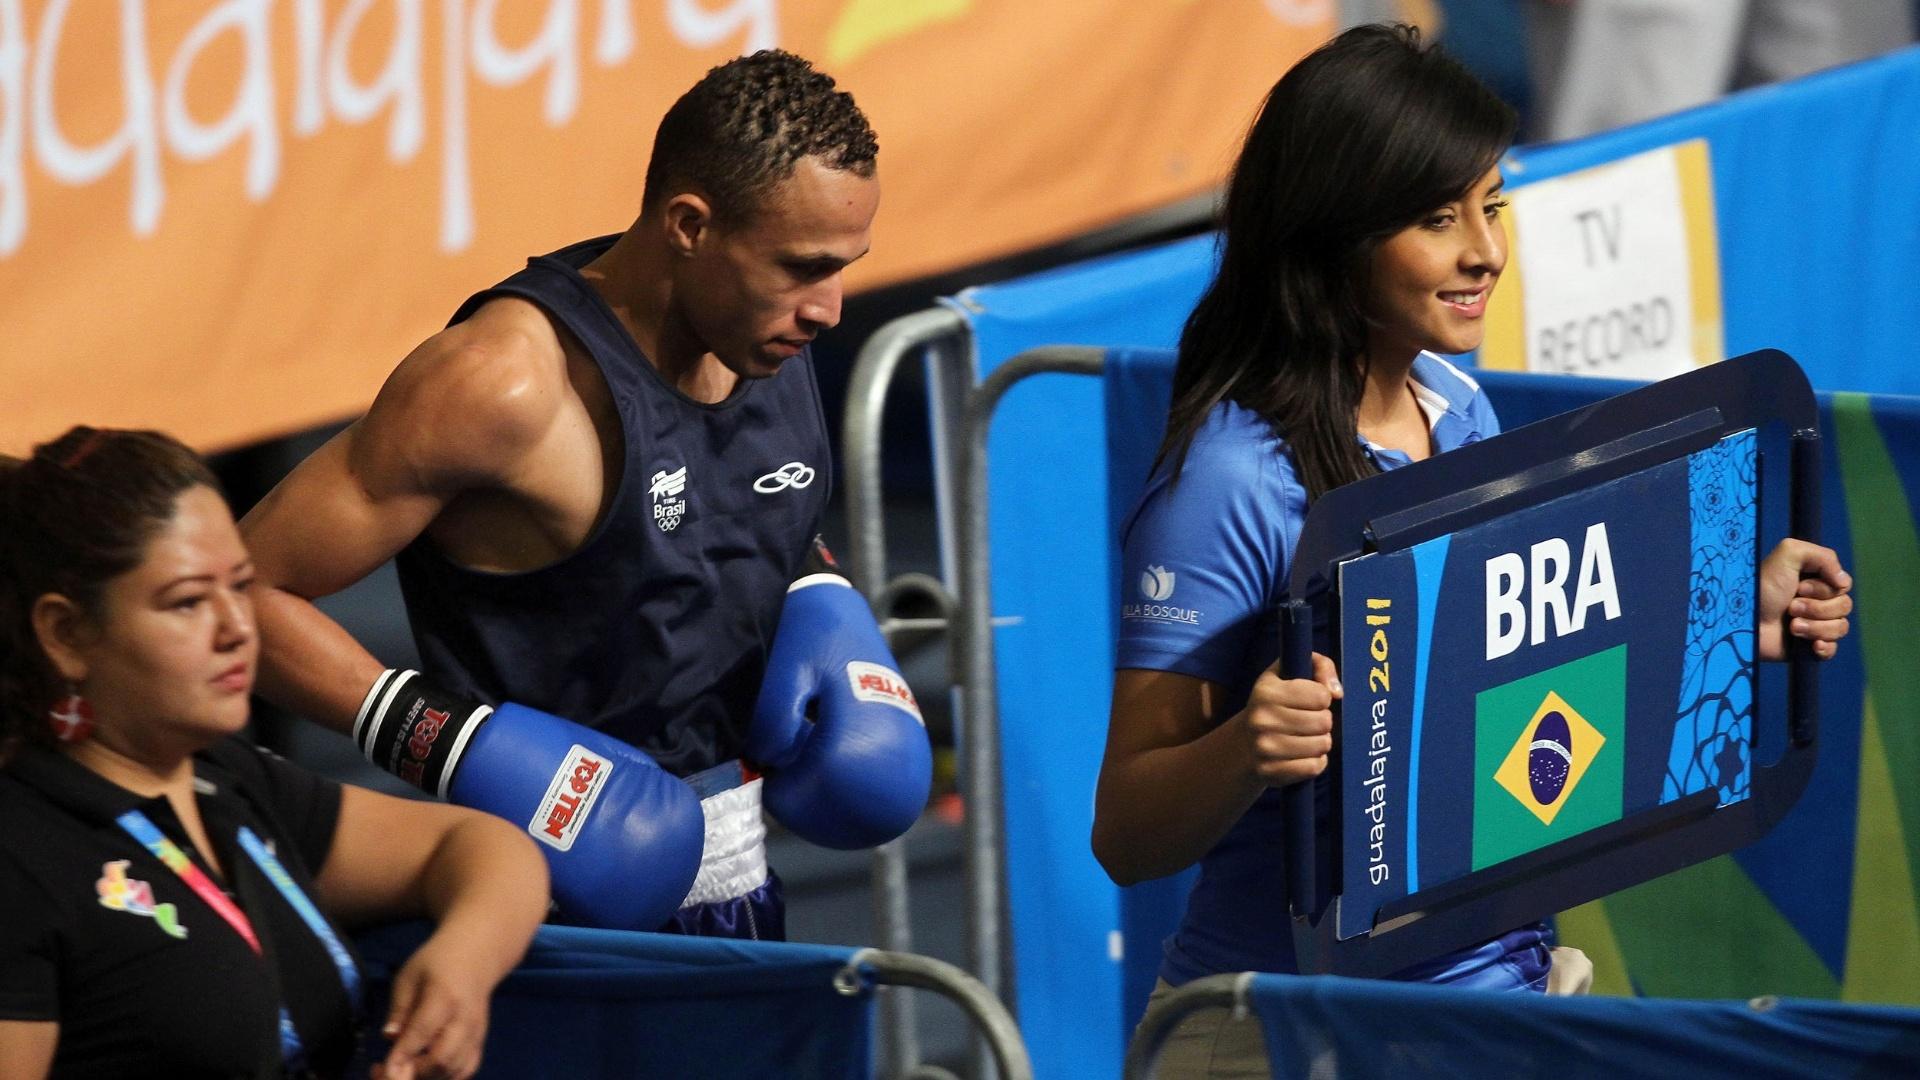 Robenilson de Jesus entra para seu combate de semifinal no Pan; brasileiro perdeu e ficou com o bronze